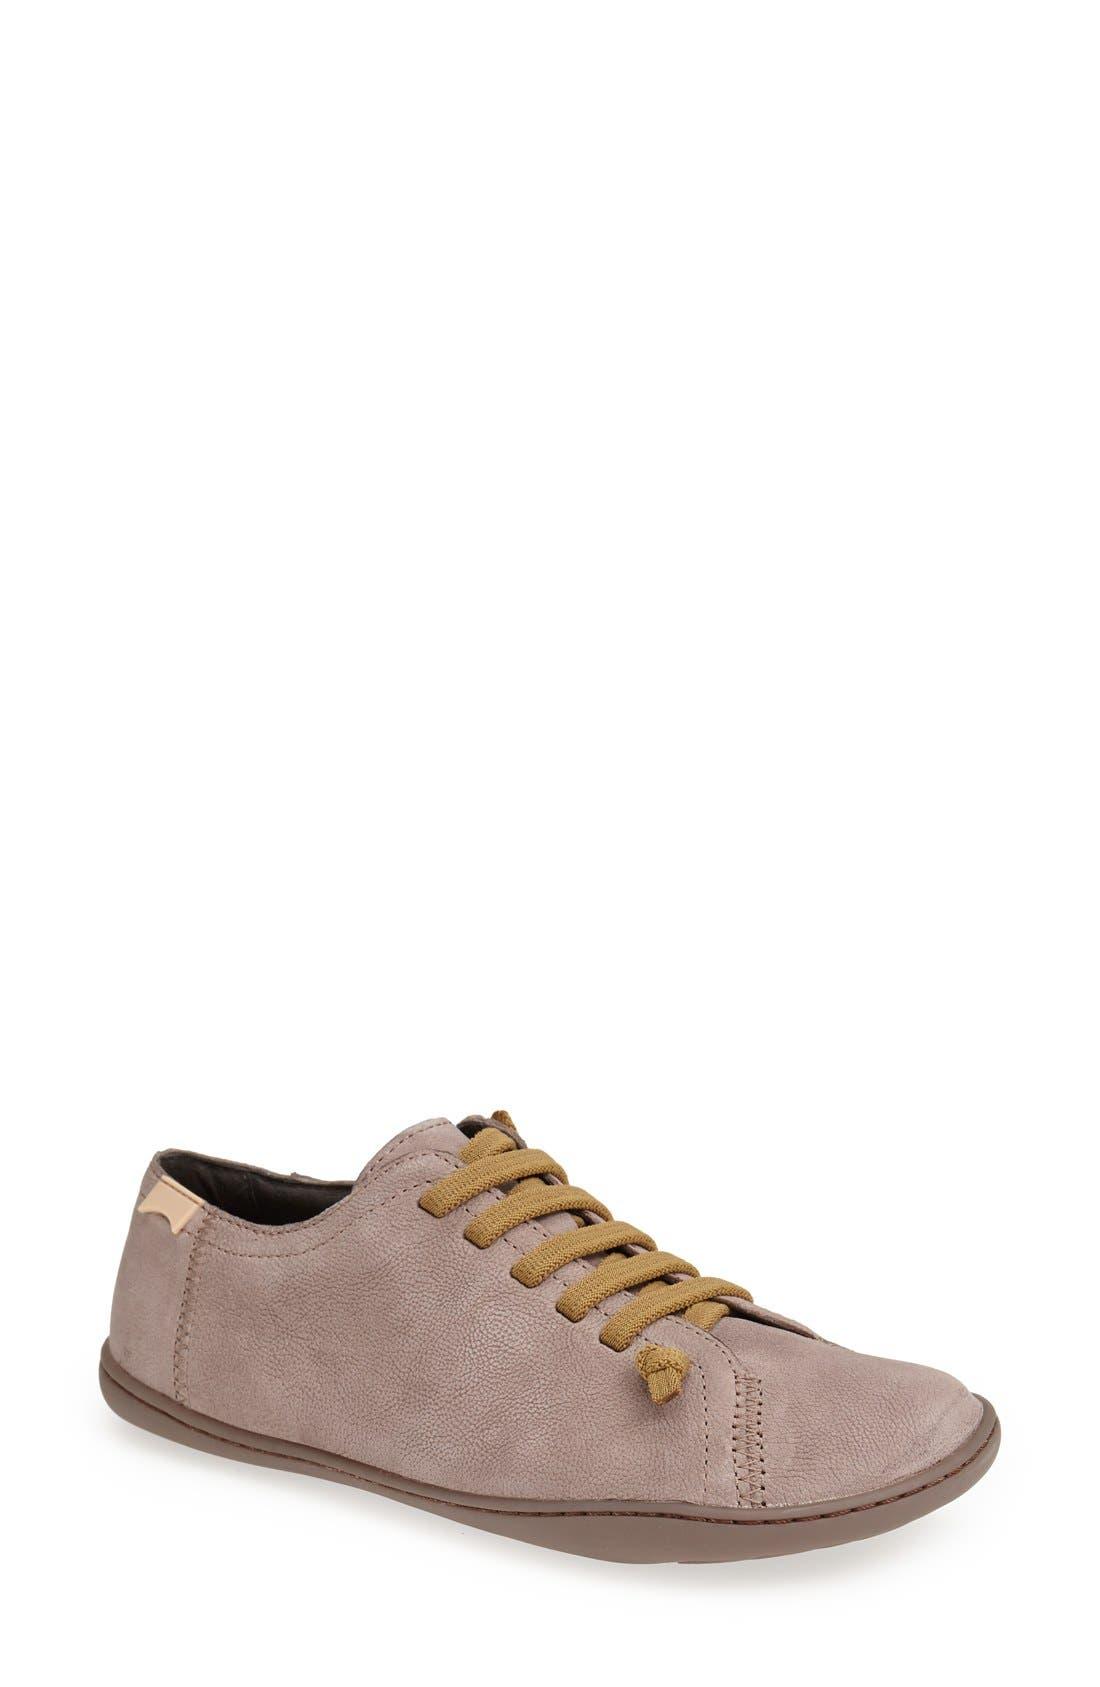 Camper 'Peu Cami' Leather Sneaker (Women)